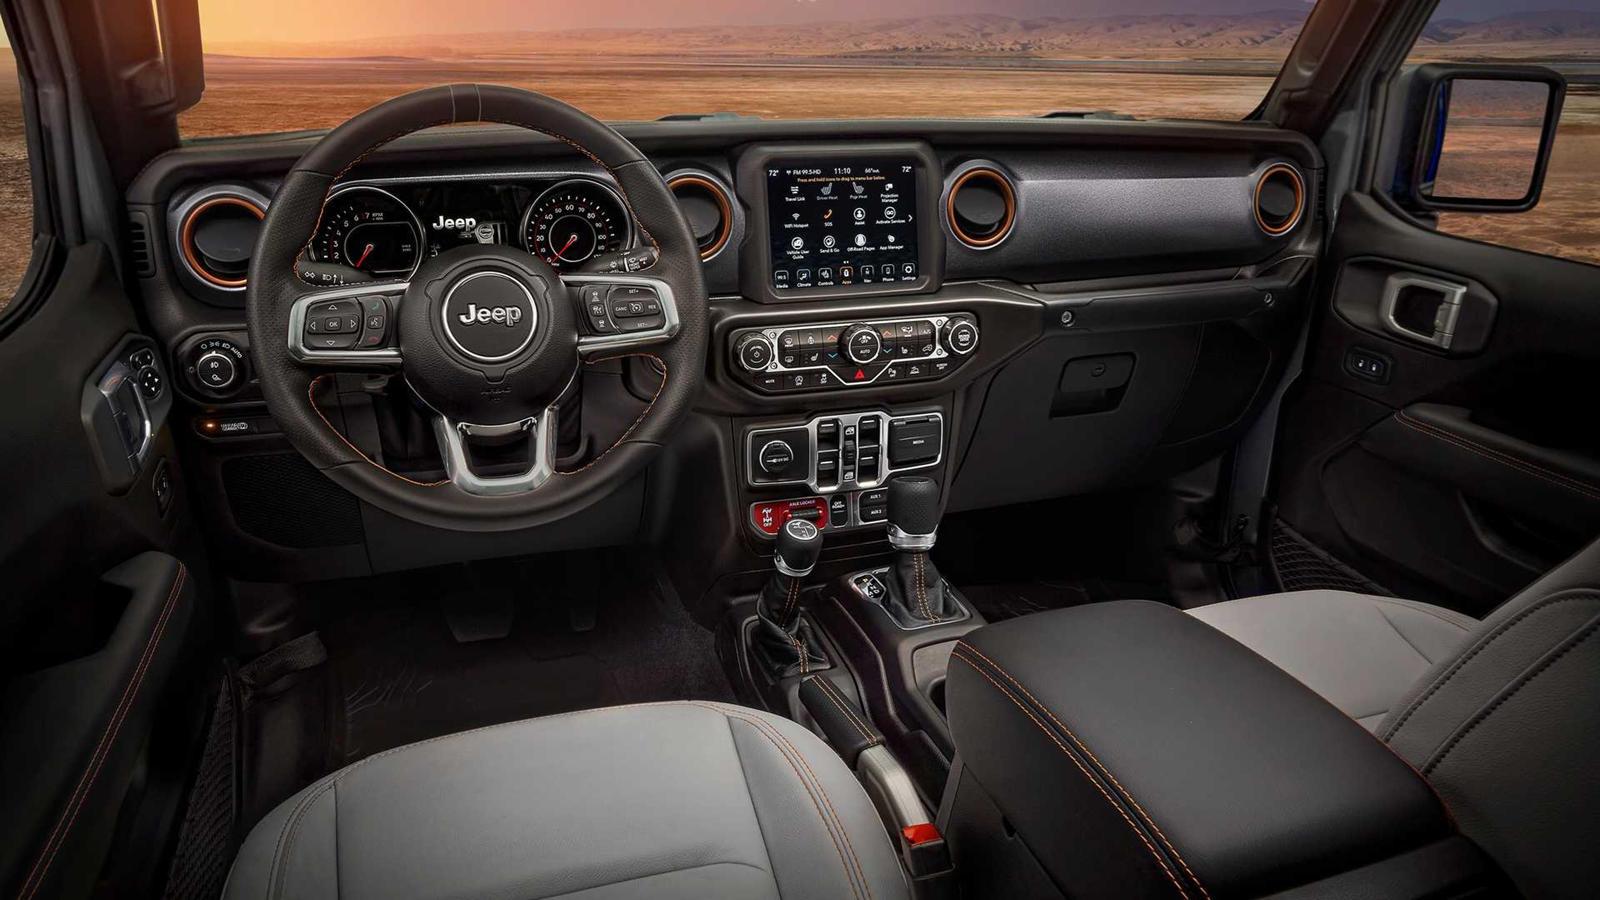 Jeep подтвердил, что и 392 Hemi V8, и новый подключаемый гибридный 4xe силовой агрегат Wrangler теоретически уместятся под кузовом Jeep Gladiator, что даст Jeep возможность запустить Gladiator Rubicon 392 и Gladiator 4xe позже. Но, как сообщается, Je